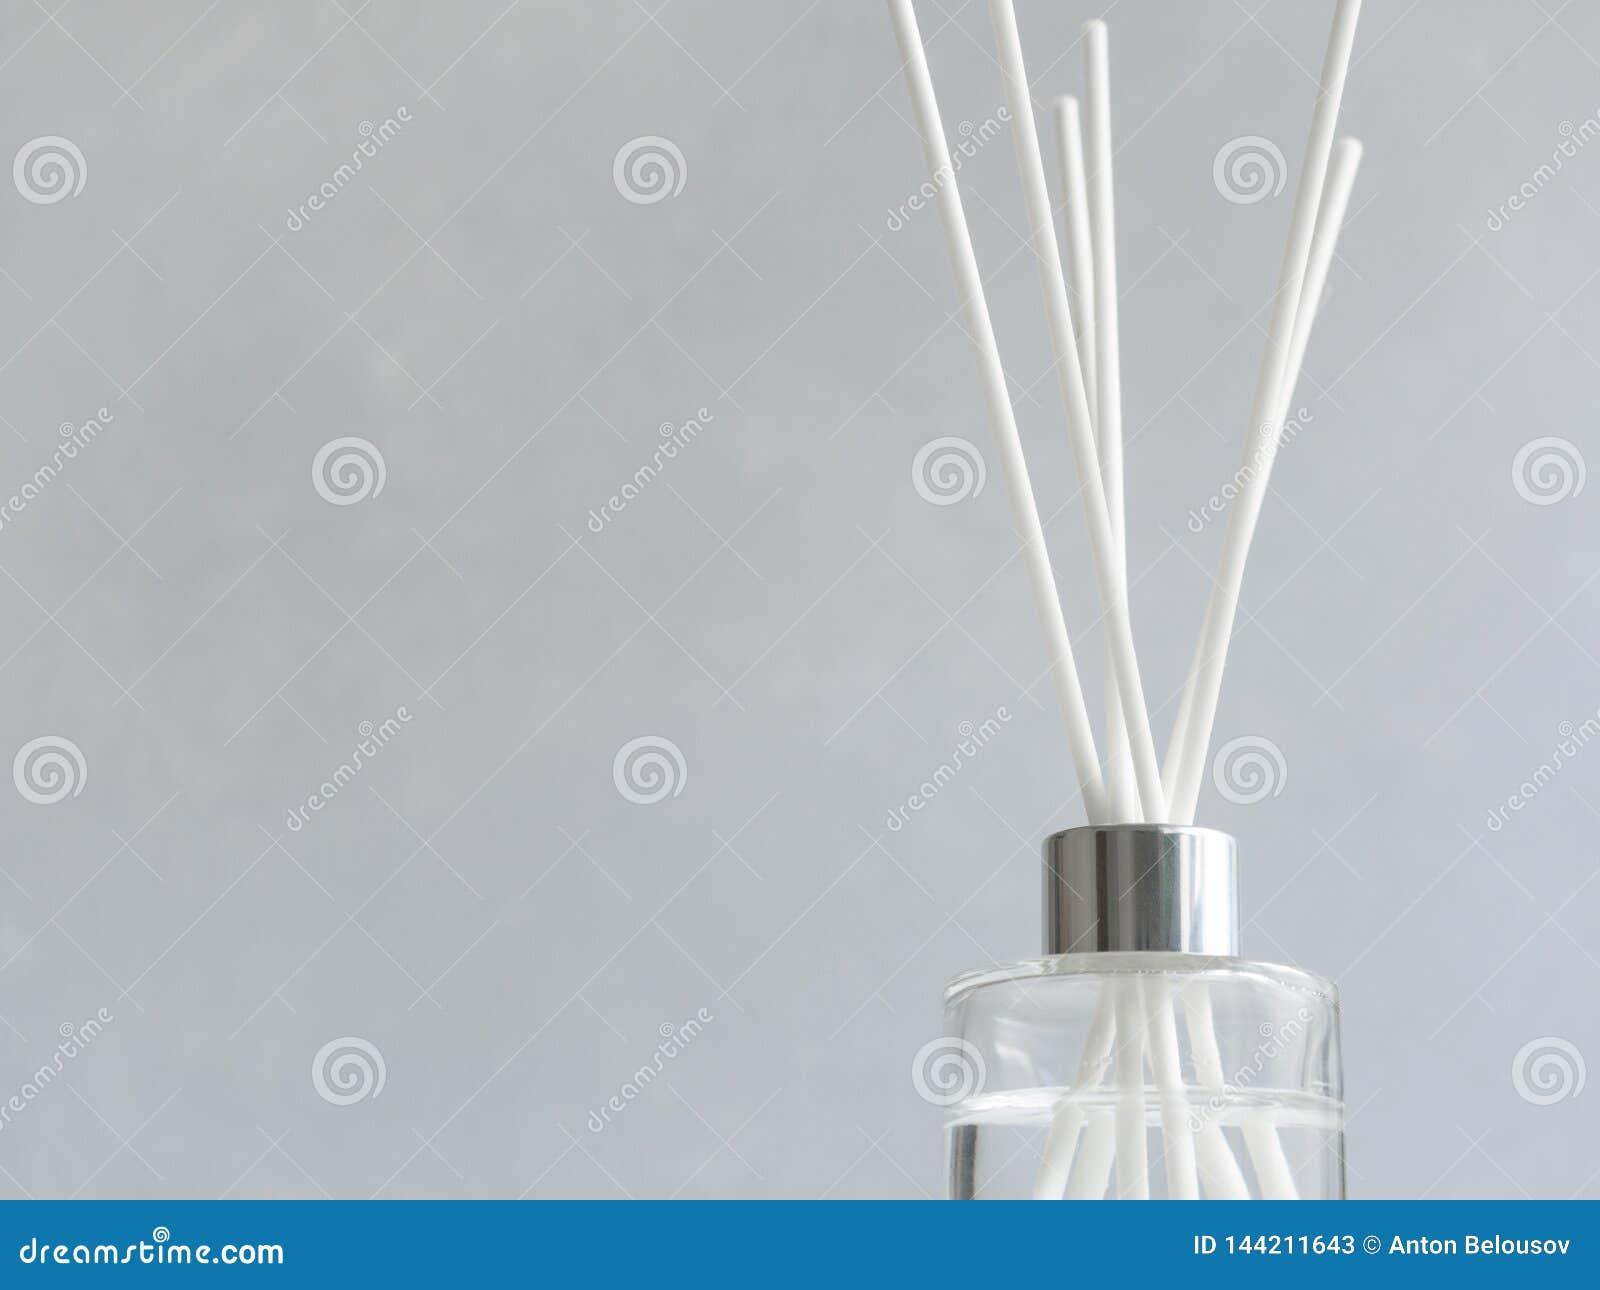 Aromatizador Refrogerador de ar aromático em uma garrafa de vidro transparente com juncos brancos em um fundo cinzento